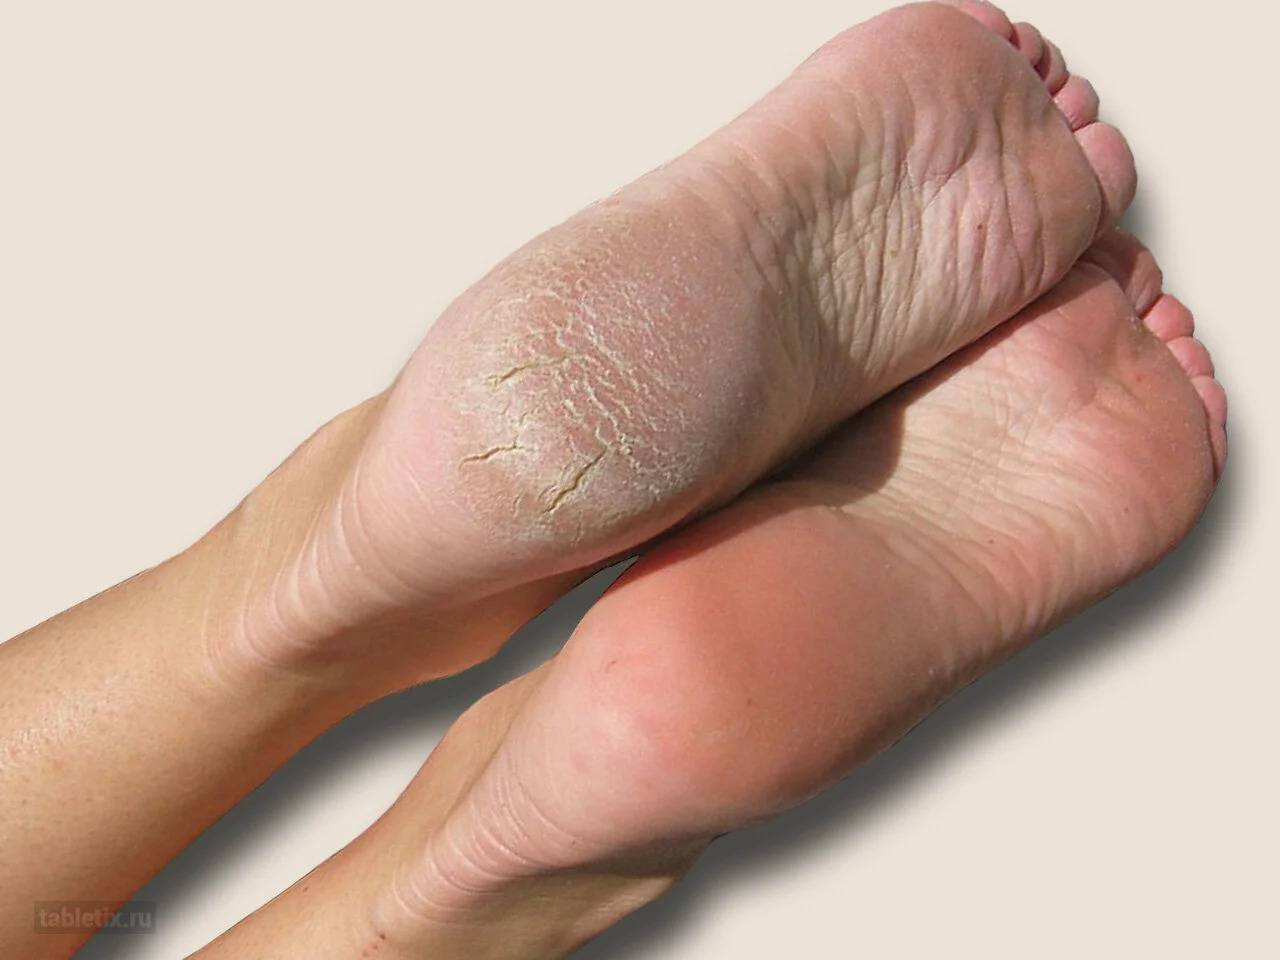 Самые эффективные средства для лечения сухих пяток и трещин в домашних условиях